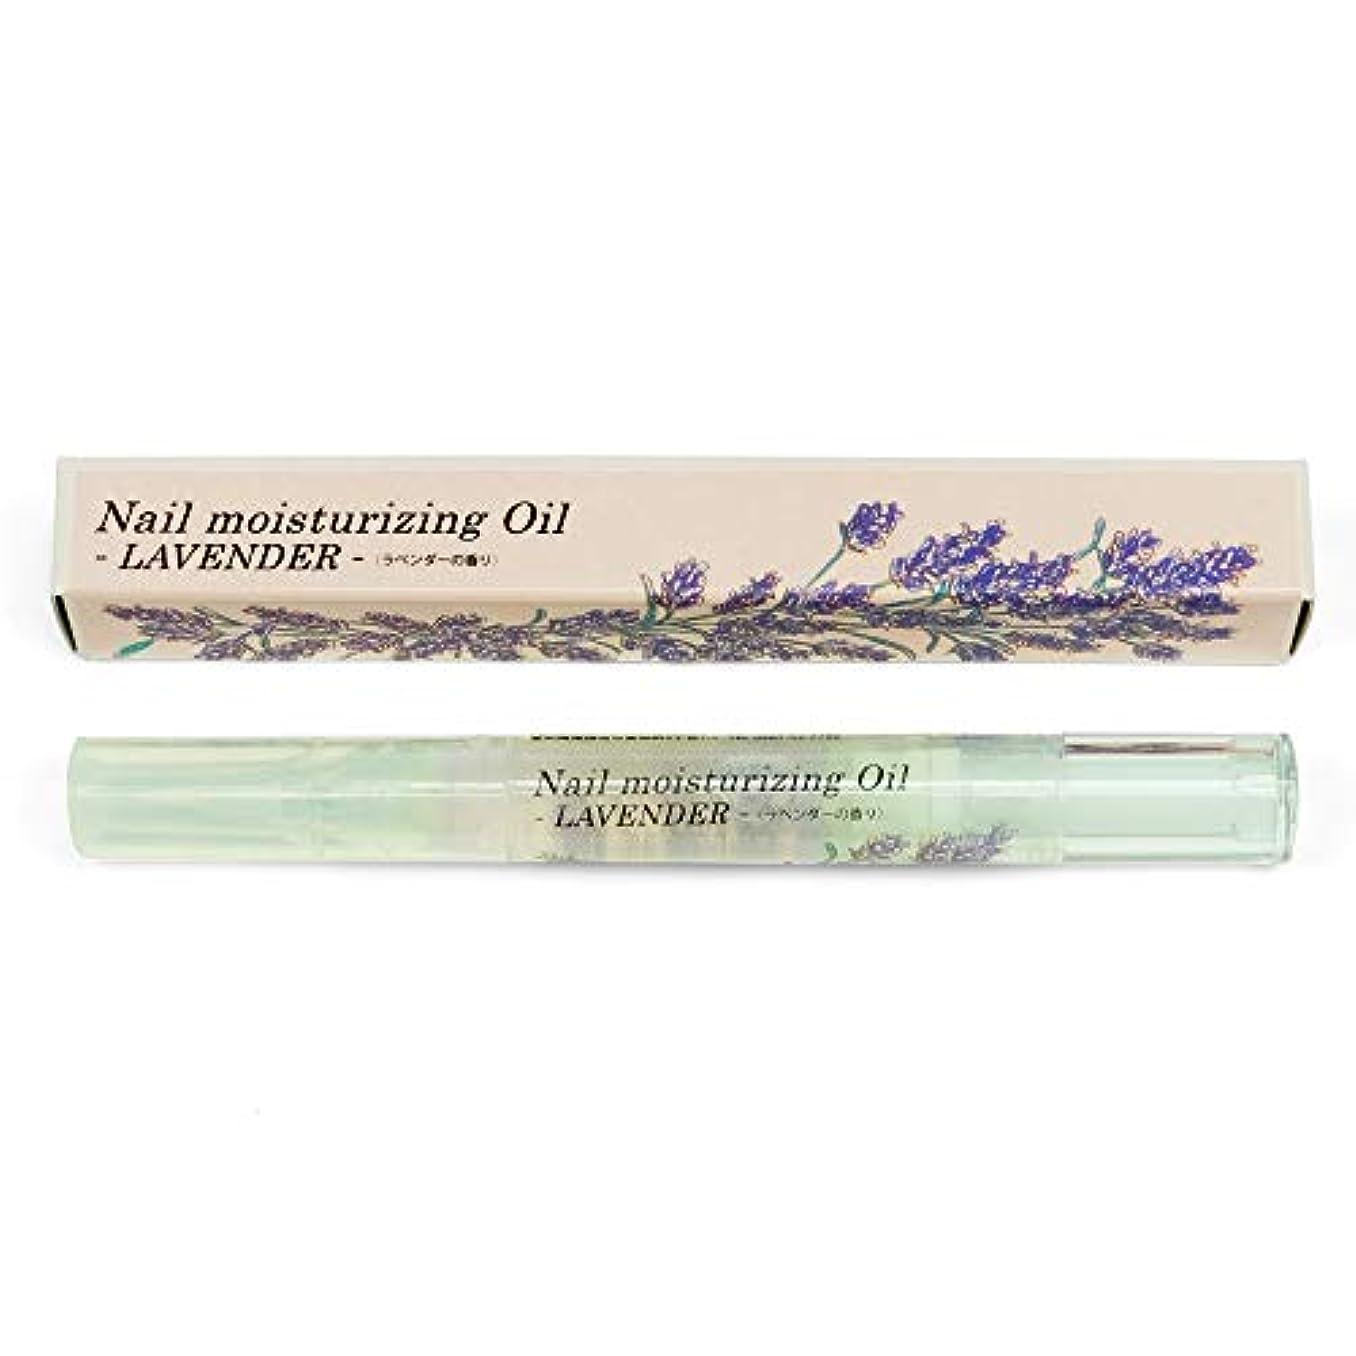 不変悪党食欲ease Nail moisturizing Oil ネイルオイルペン(ラベンダーの香り) 2ml